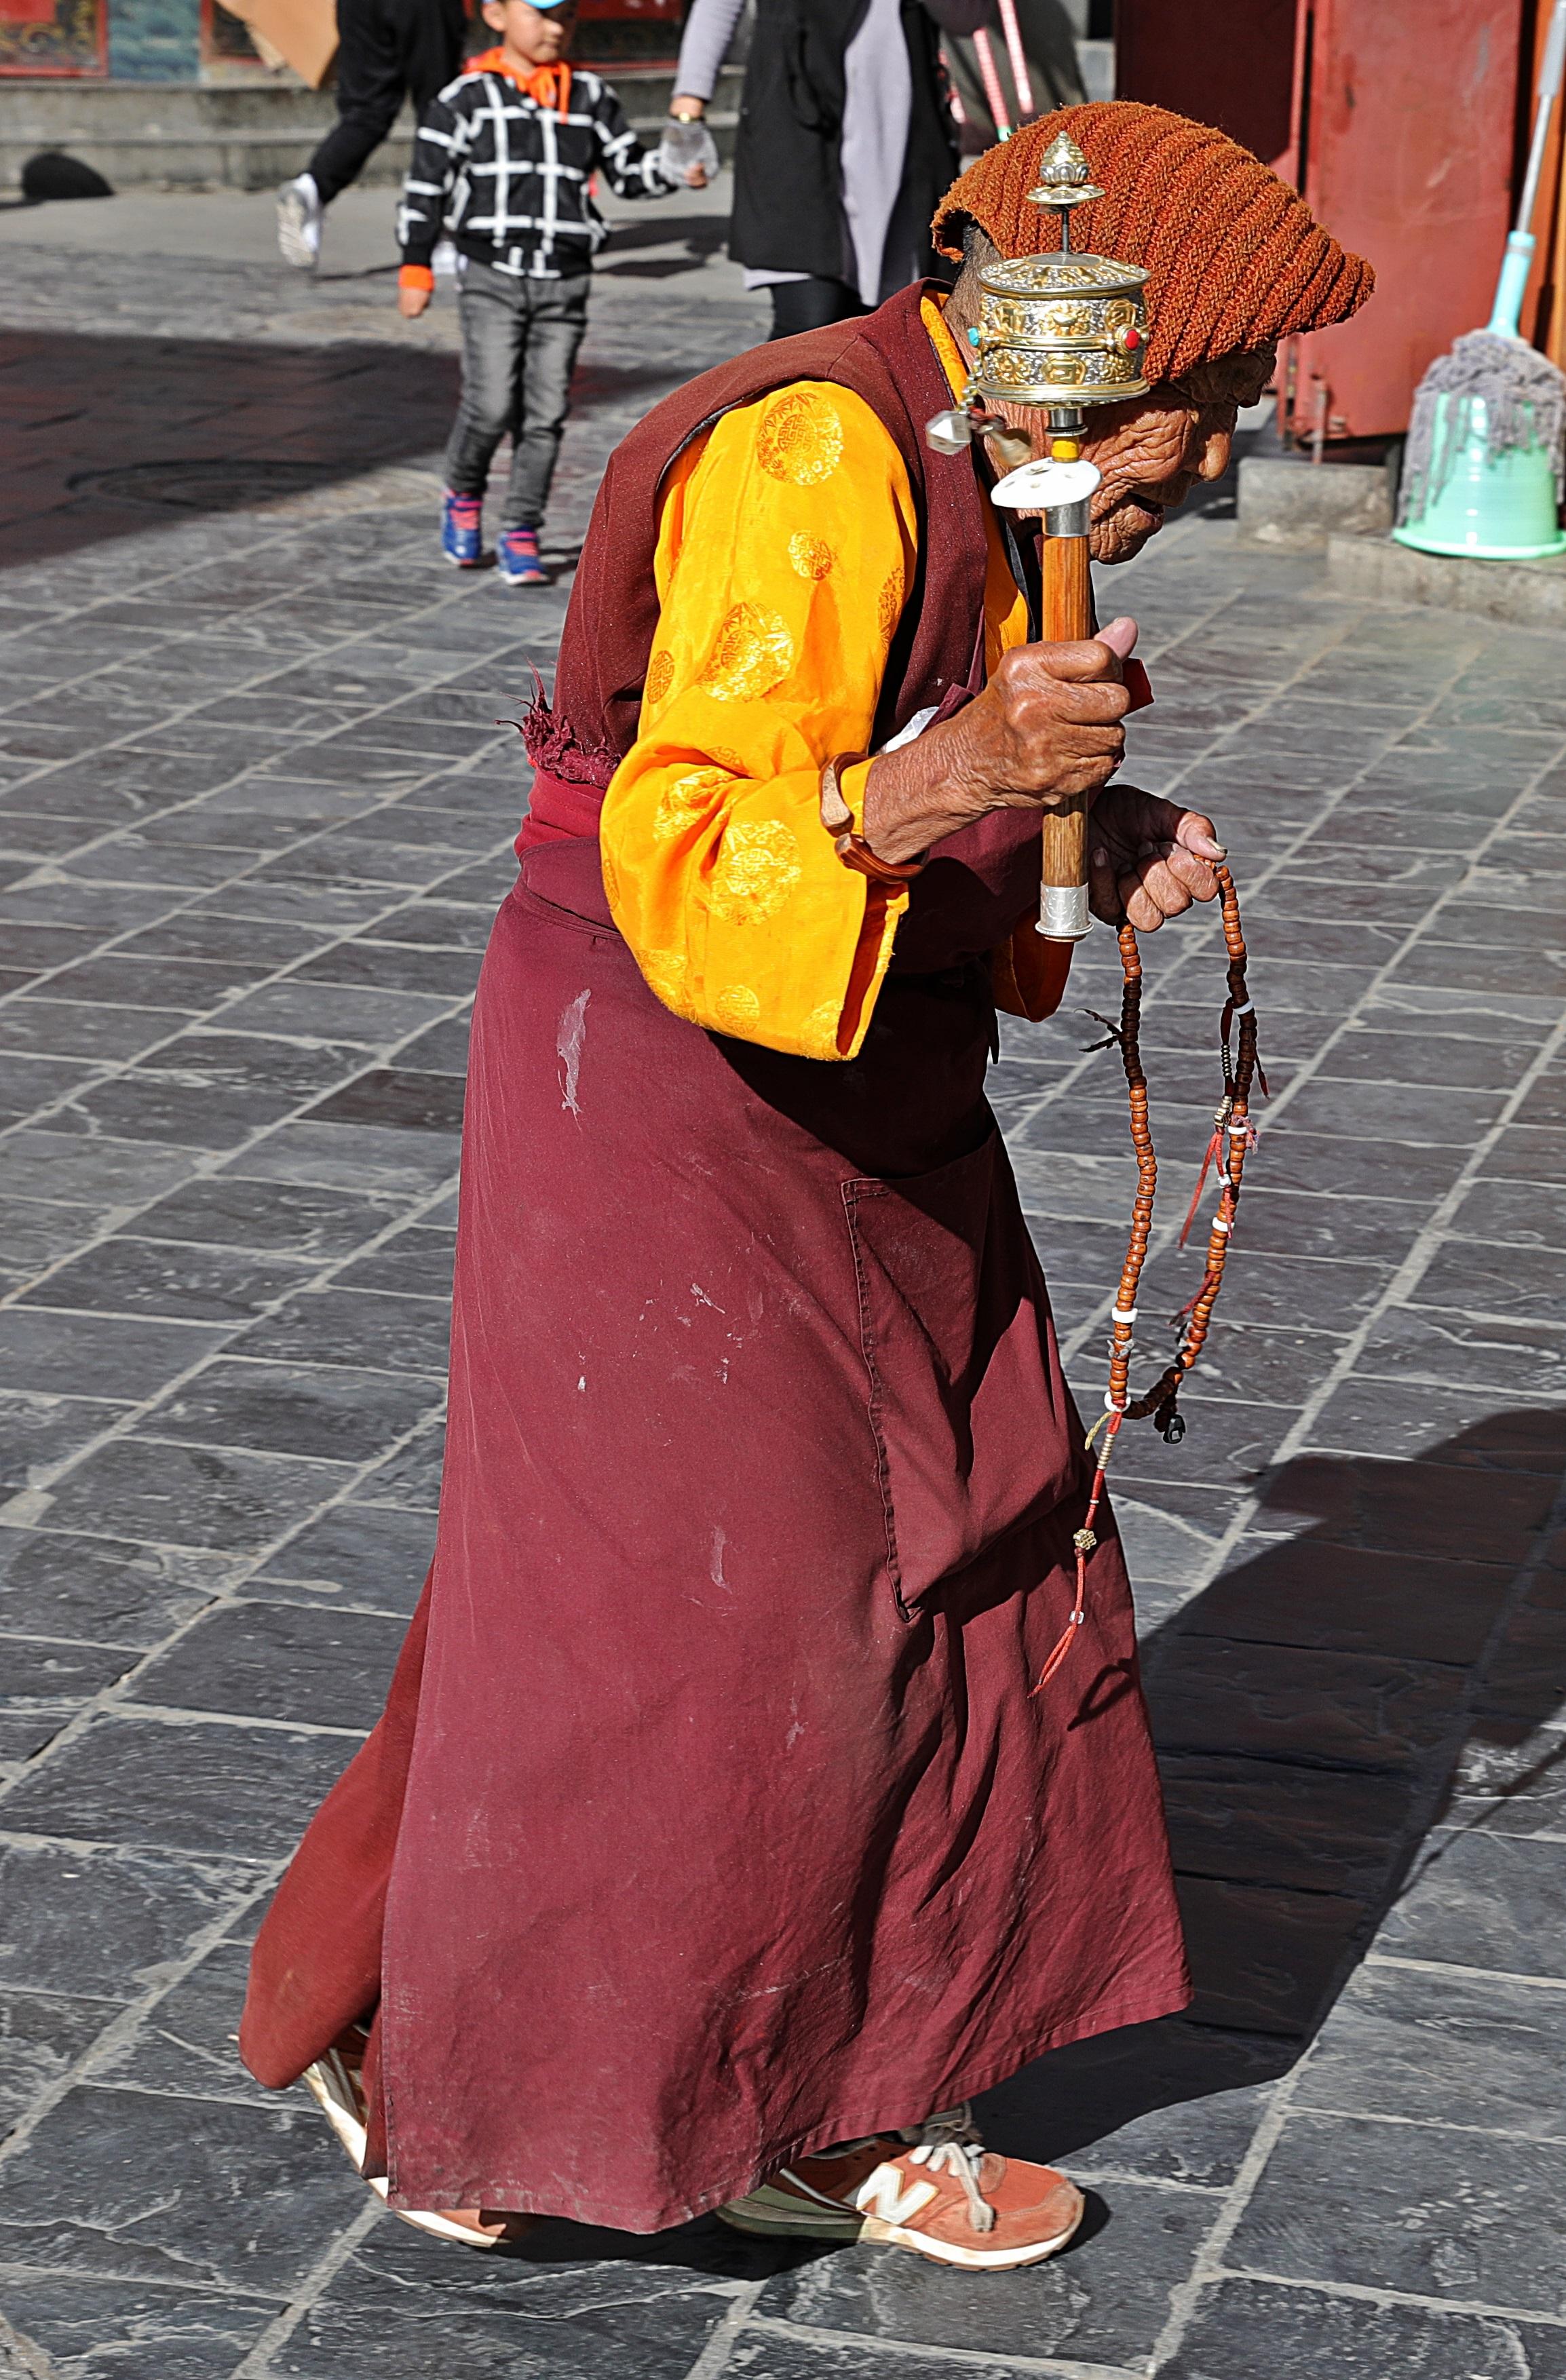 Old lama in Barkhor Bazaar, Lhasa